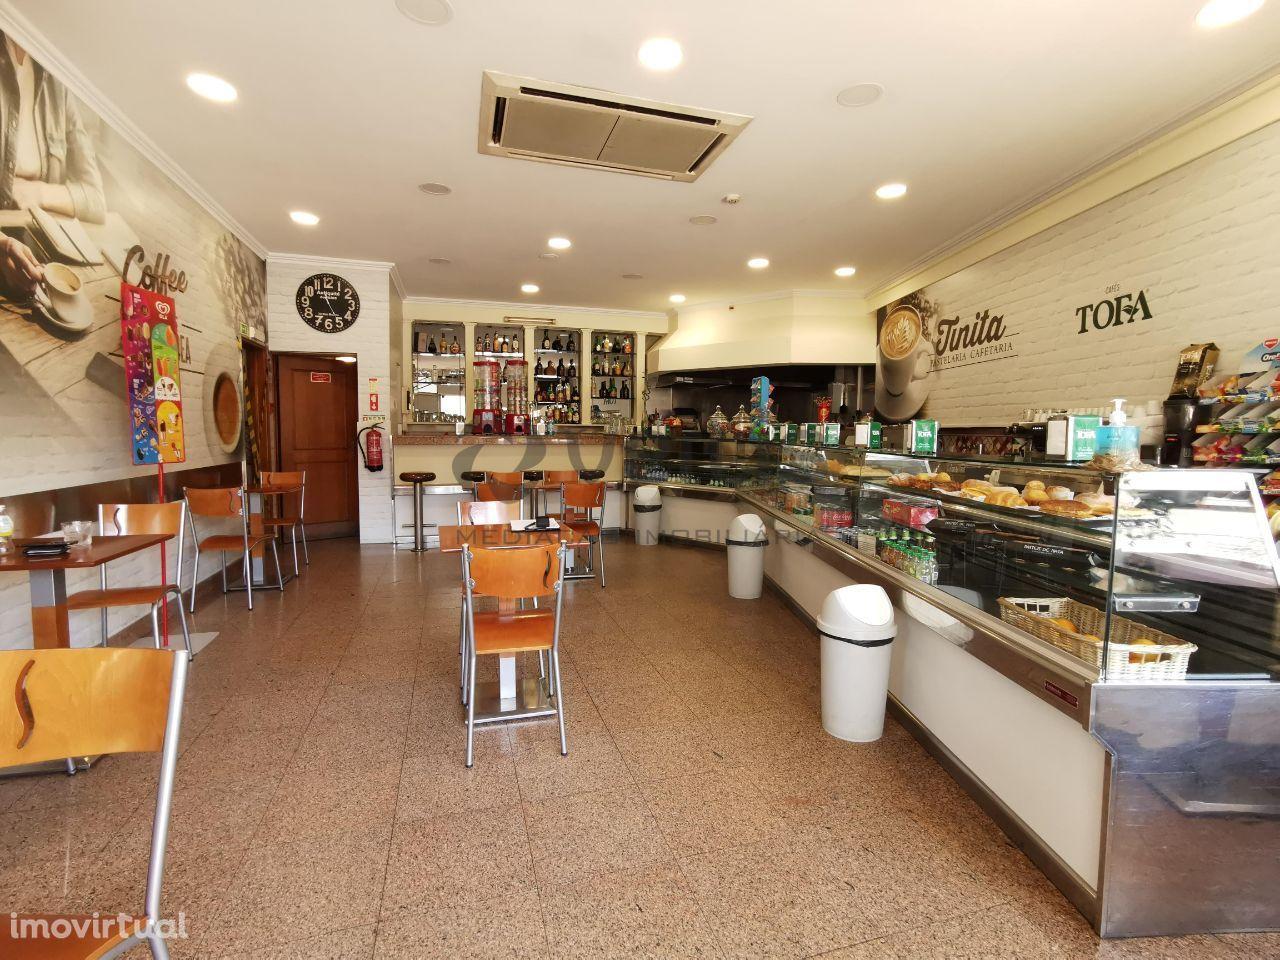 Pastelaria-Cafetaria em pleno centro da Cova da Piedade-Almada